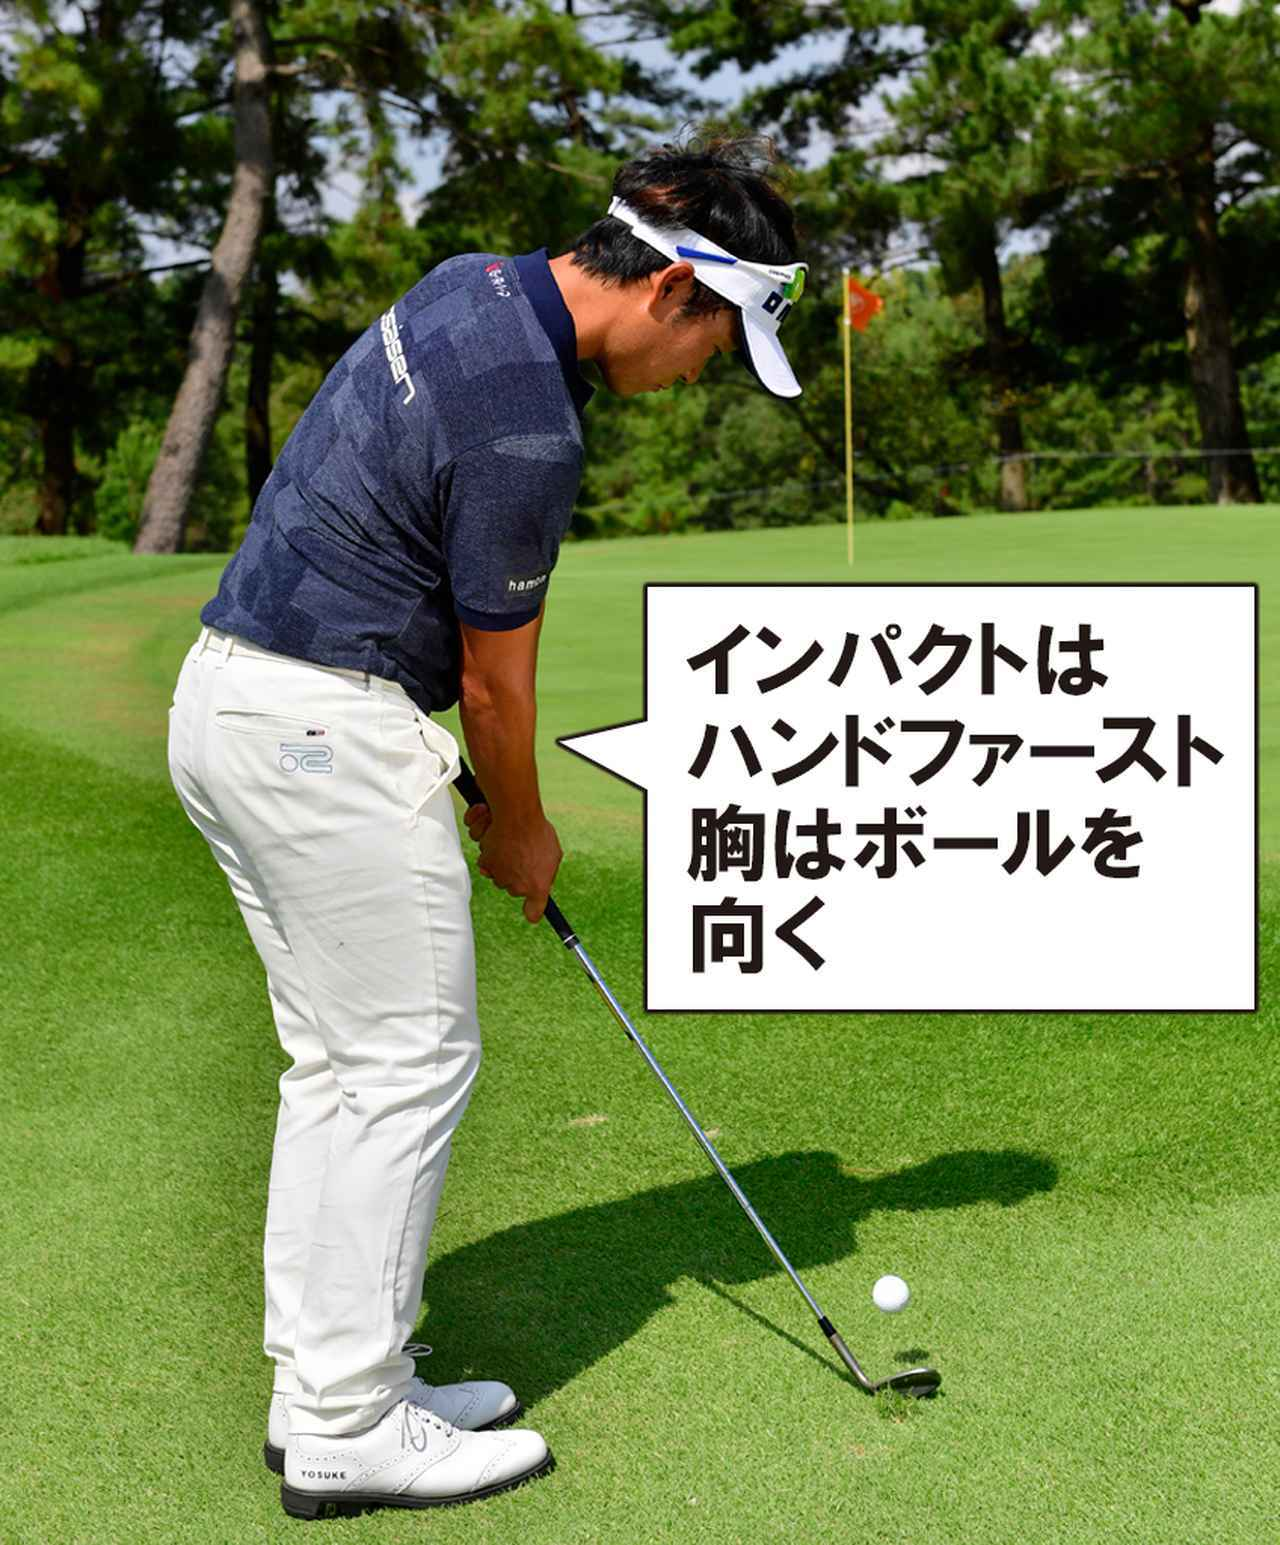 画像4: 【アプローチ】ザックリが消えて、距離感が良くなる、ドロー回転アプローチ① 石川遼はインサイドアウト軌道、その打ち方とは?